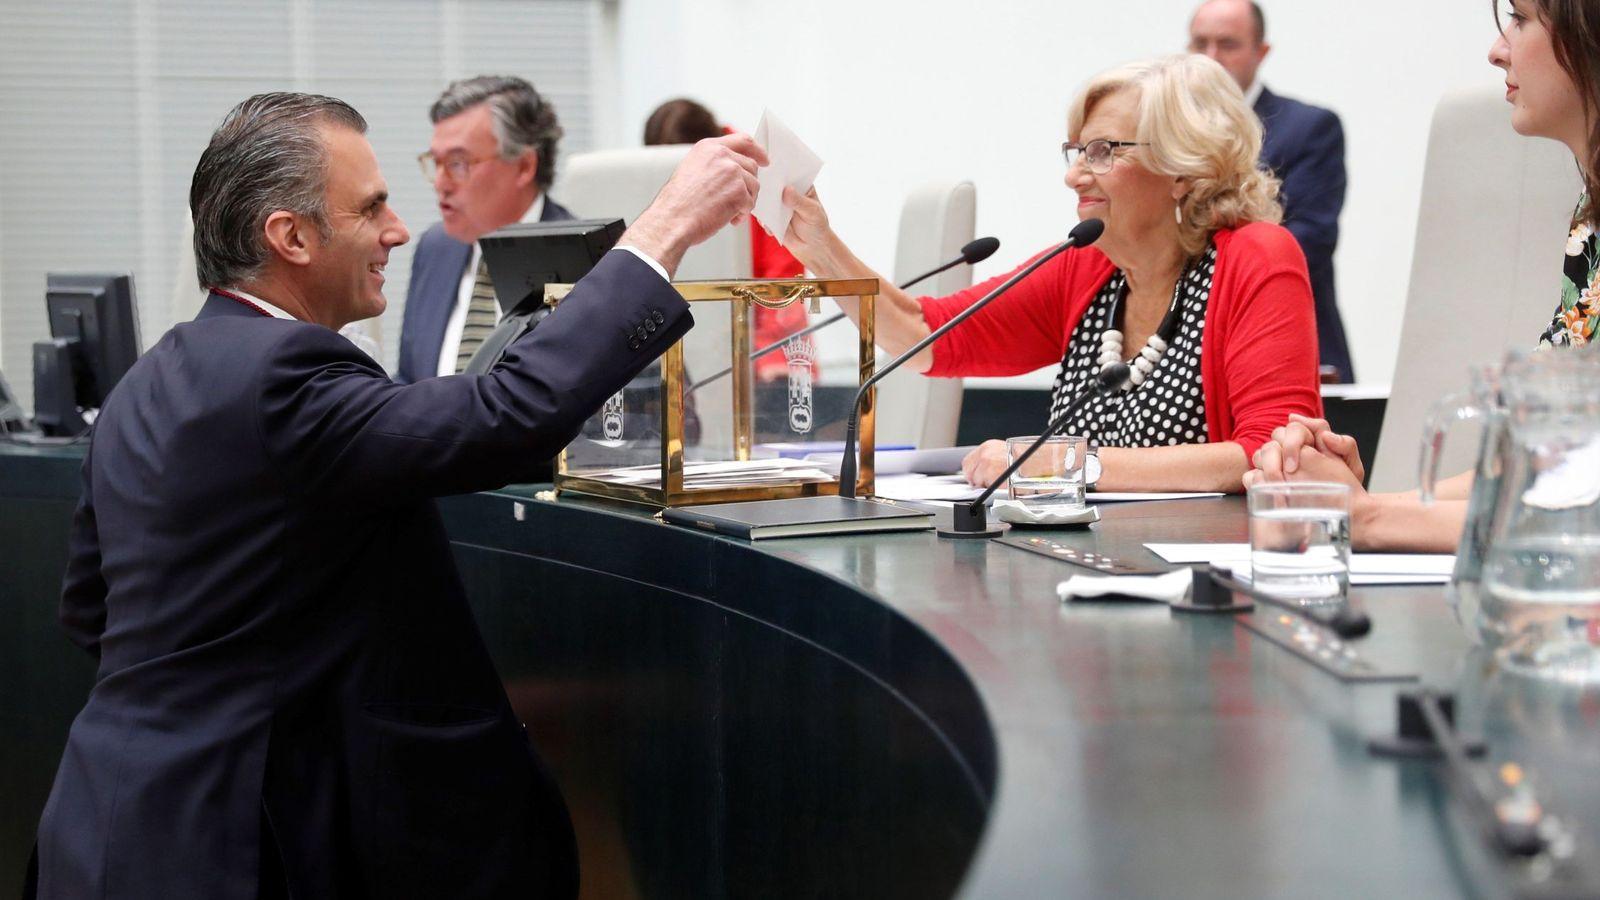 Foto: El secretario general de Vox, Javier Ortega Smith, vota durante la constitución del ayuntamiento. (EFE)